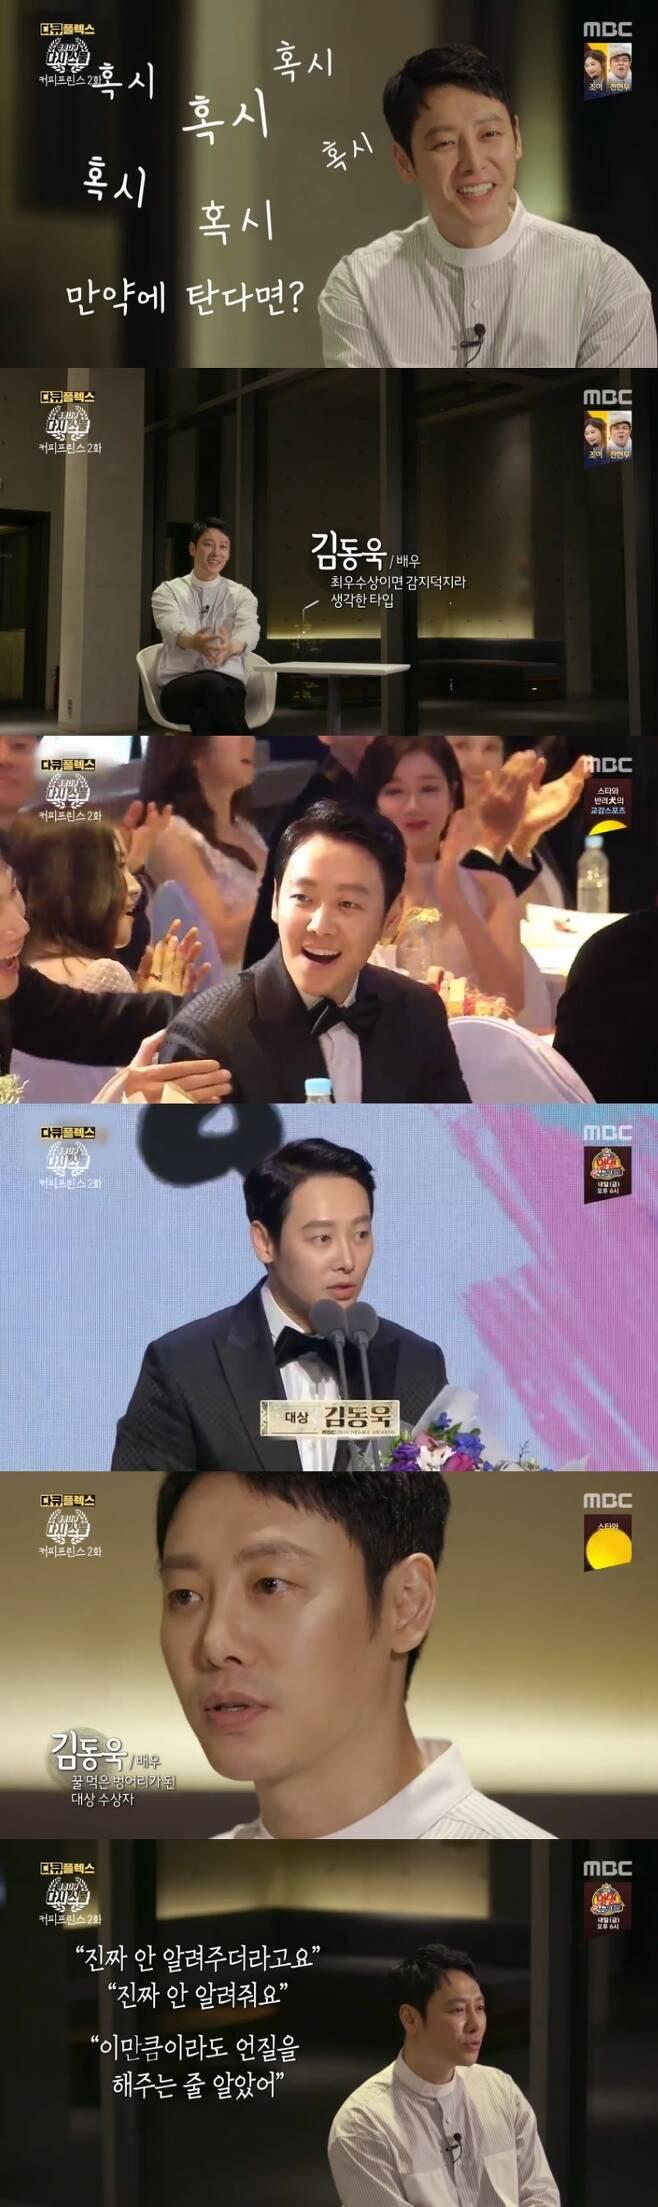 MBC '청춘다큐 다시 스물' 캡처 © 뉴스1